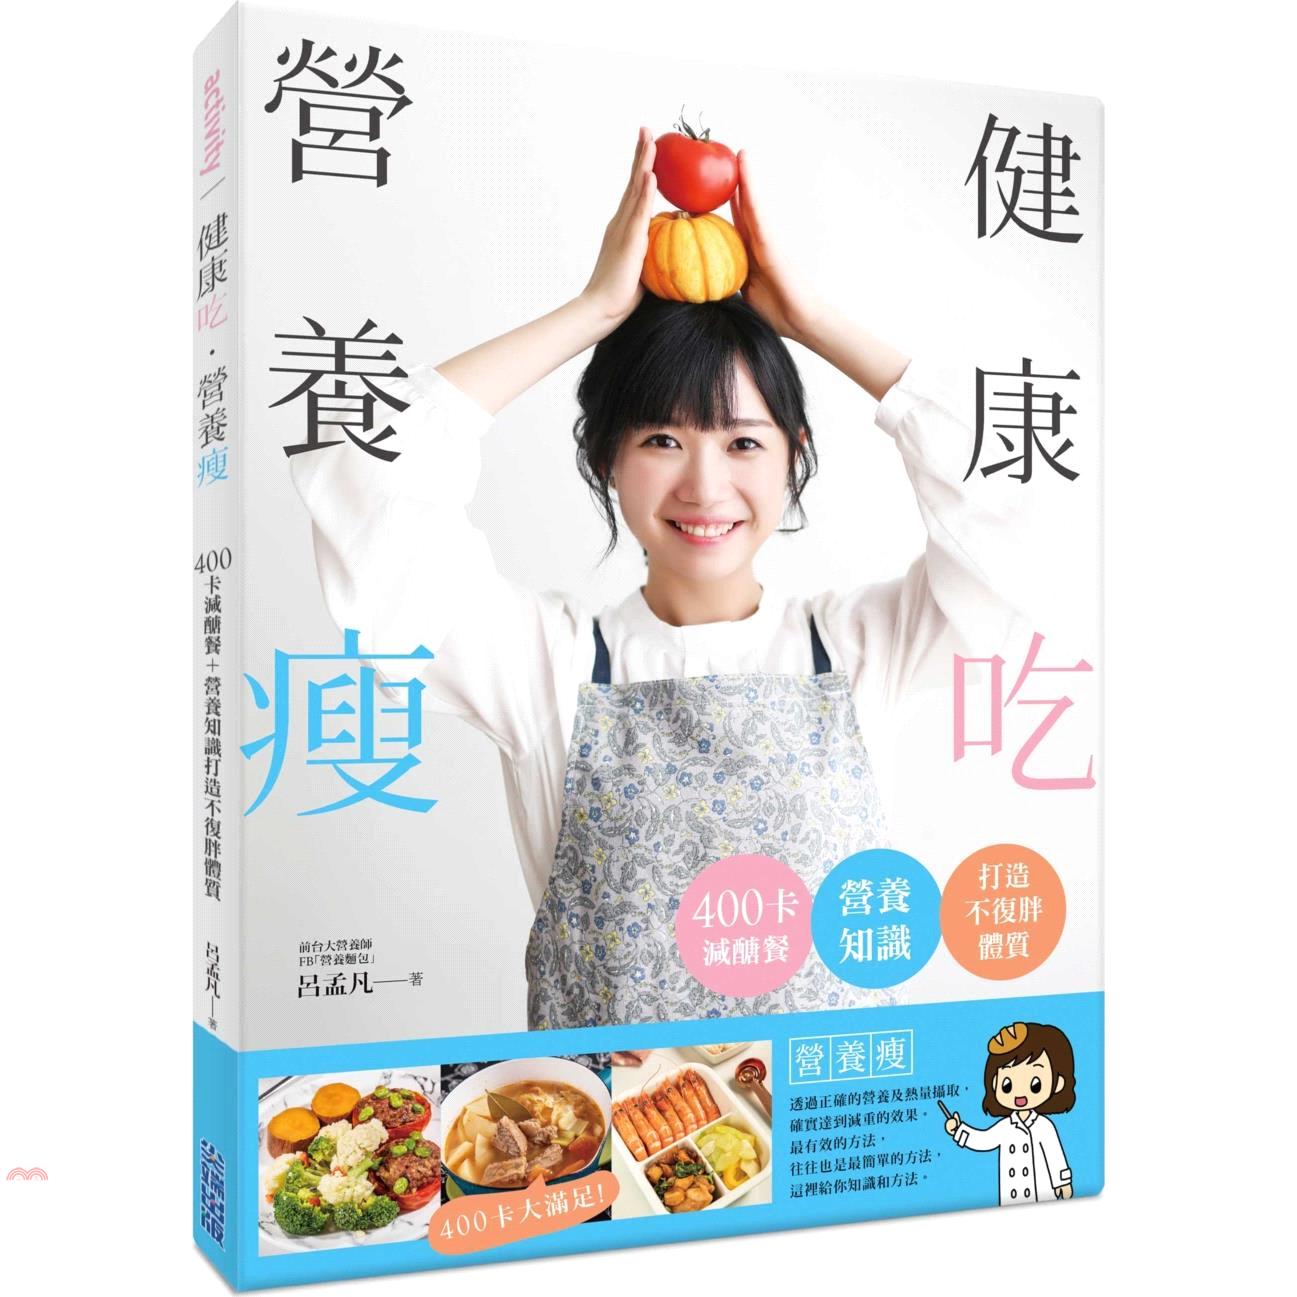 《尖端出版》健康吃‧營養瘦:400卡減醣餐+營養知識打造不復胖體質[85折]